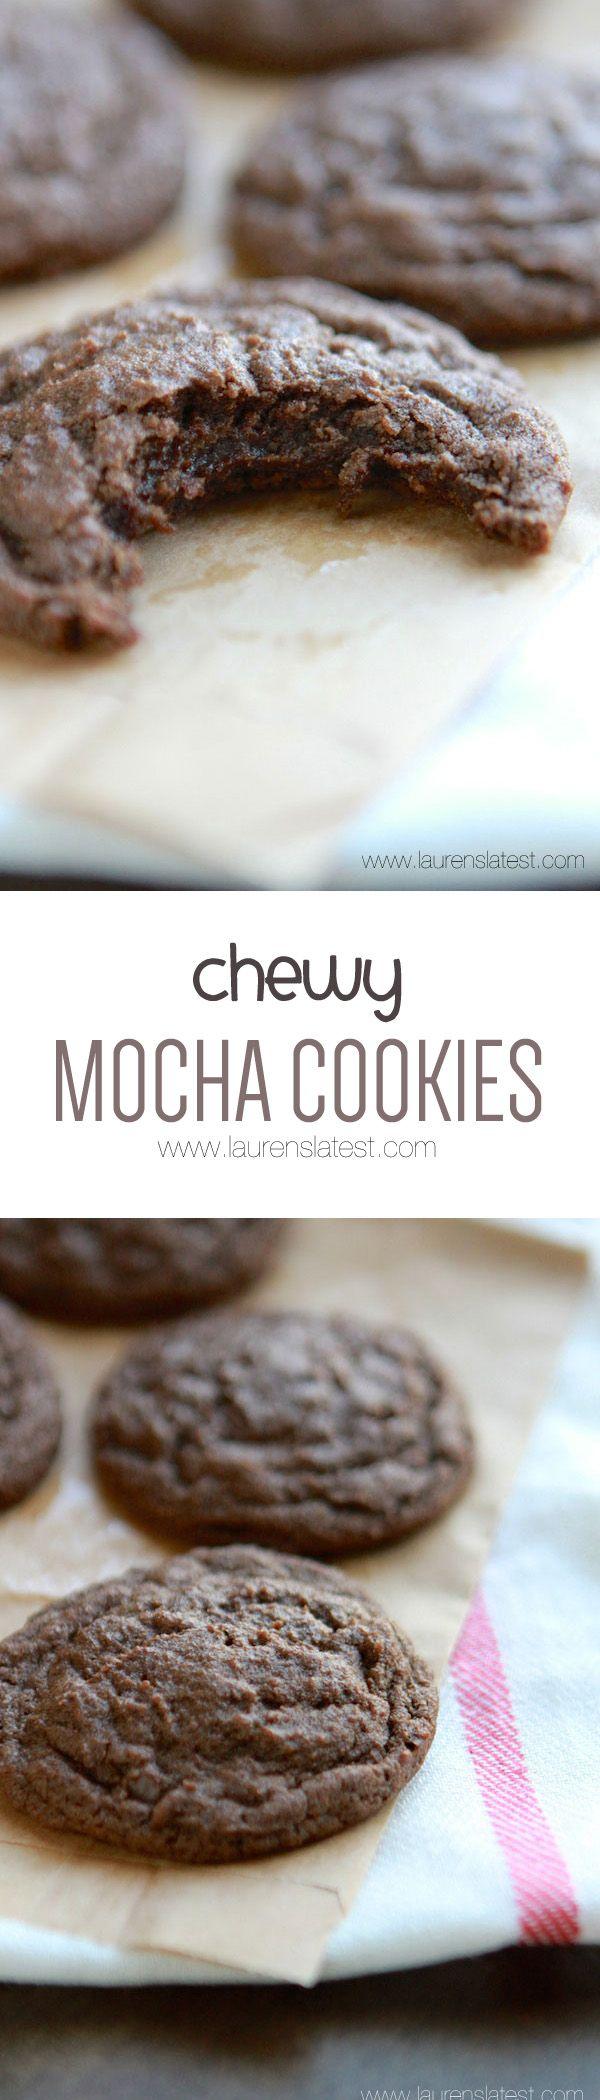 Chewy Mocha Cookies